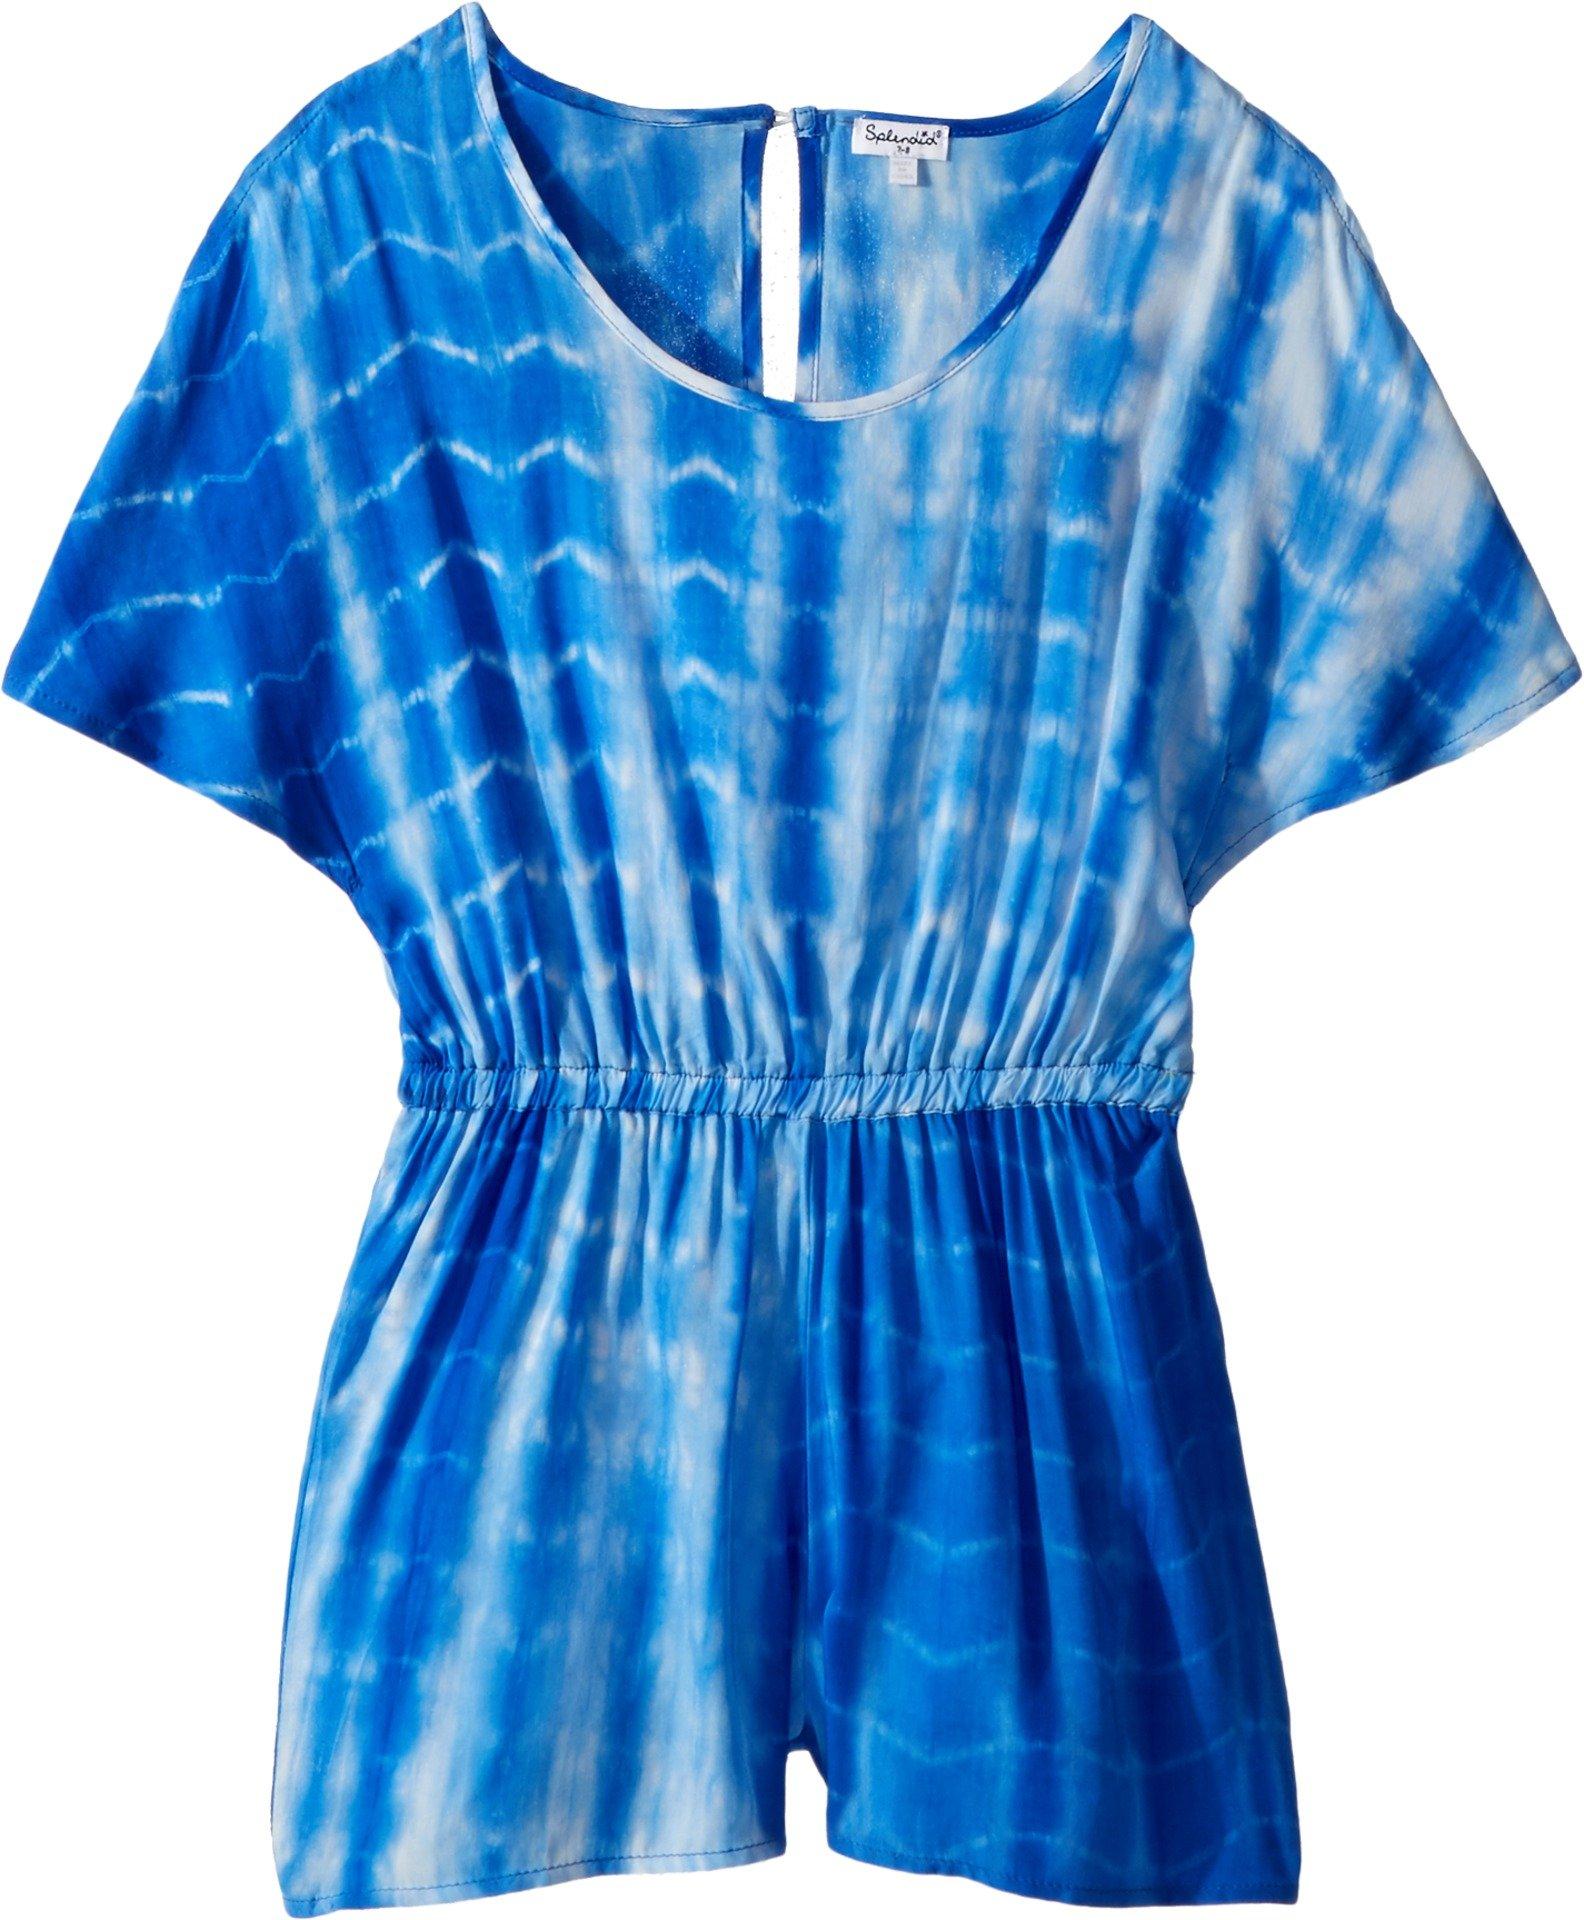 Splendid Big Girls' Tie Dye Romper, Marina Tie Dye, 10